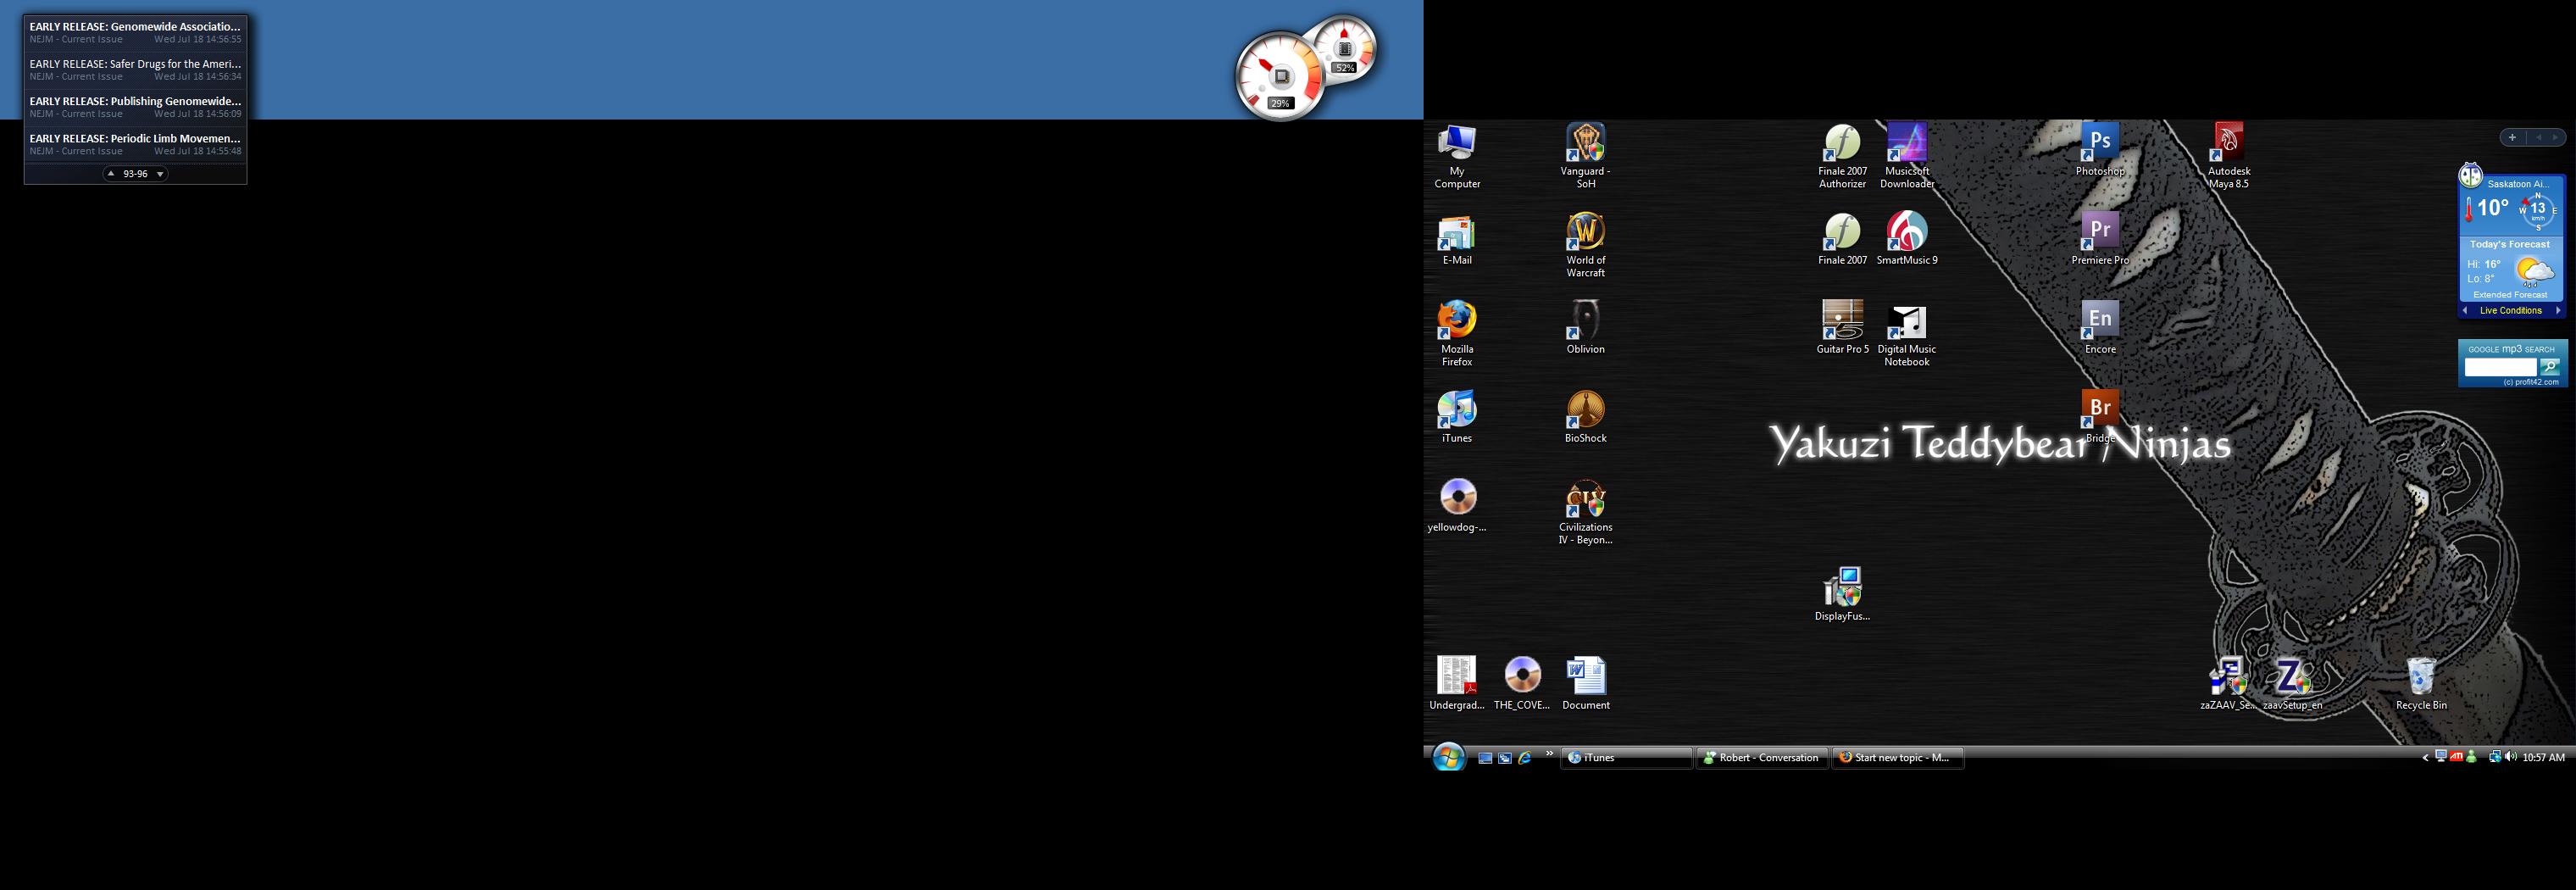 monitorgrab.jpg